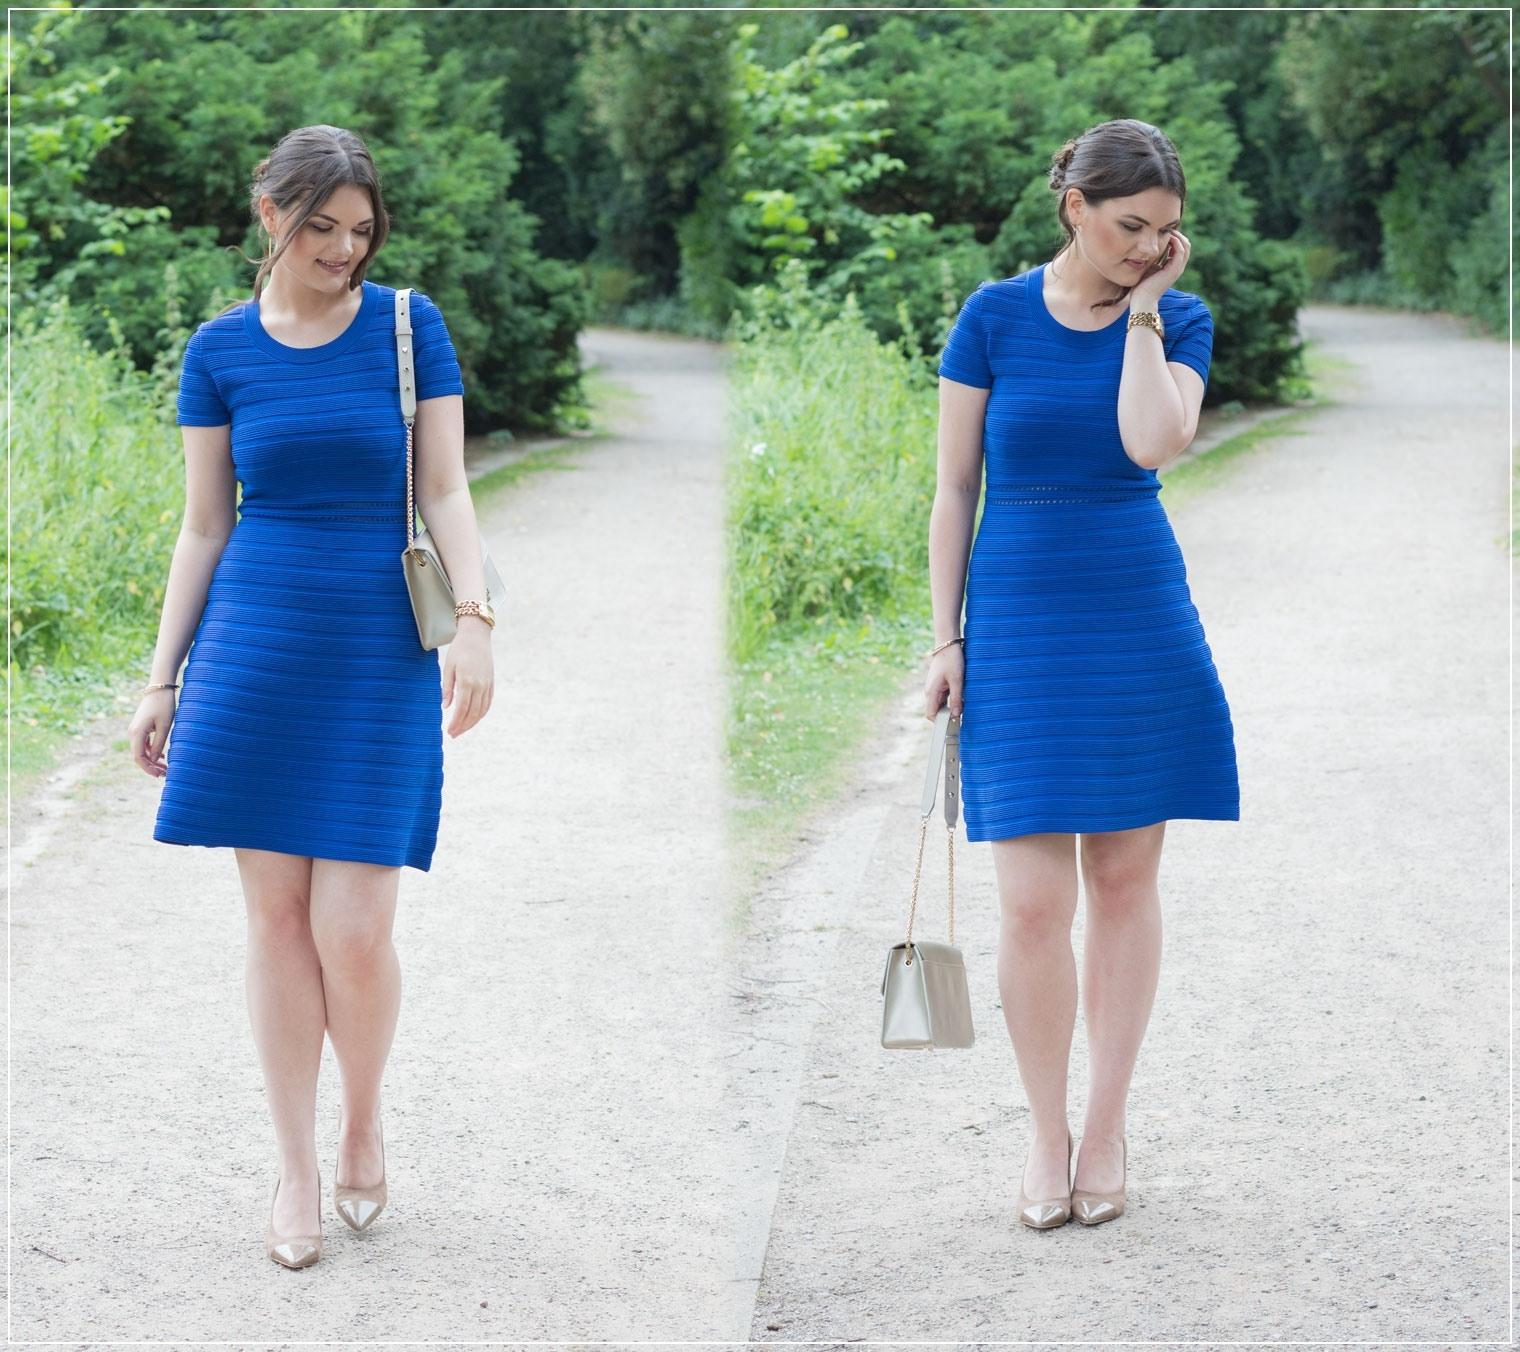 Erstaunlich Blaues Kleid Hochzeit Boutique - Abendkleid